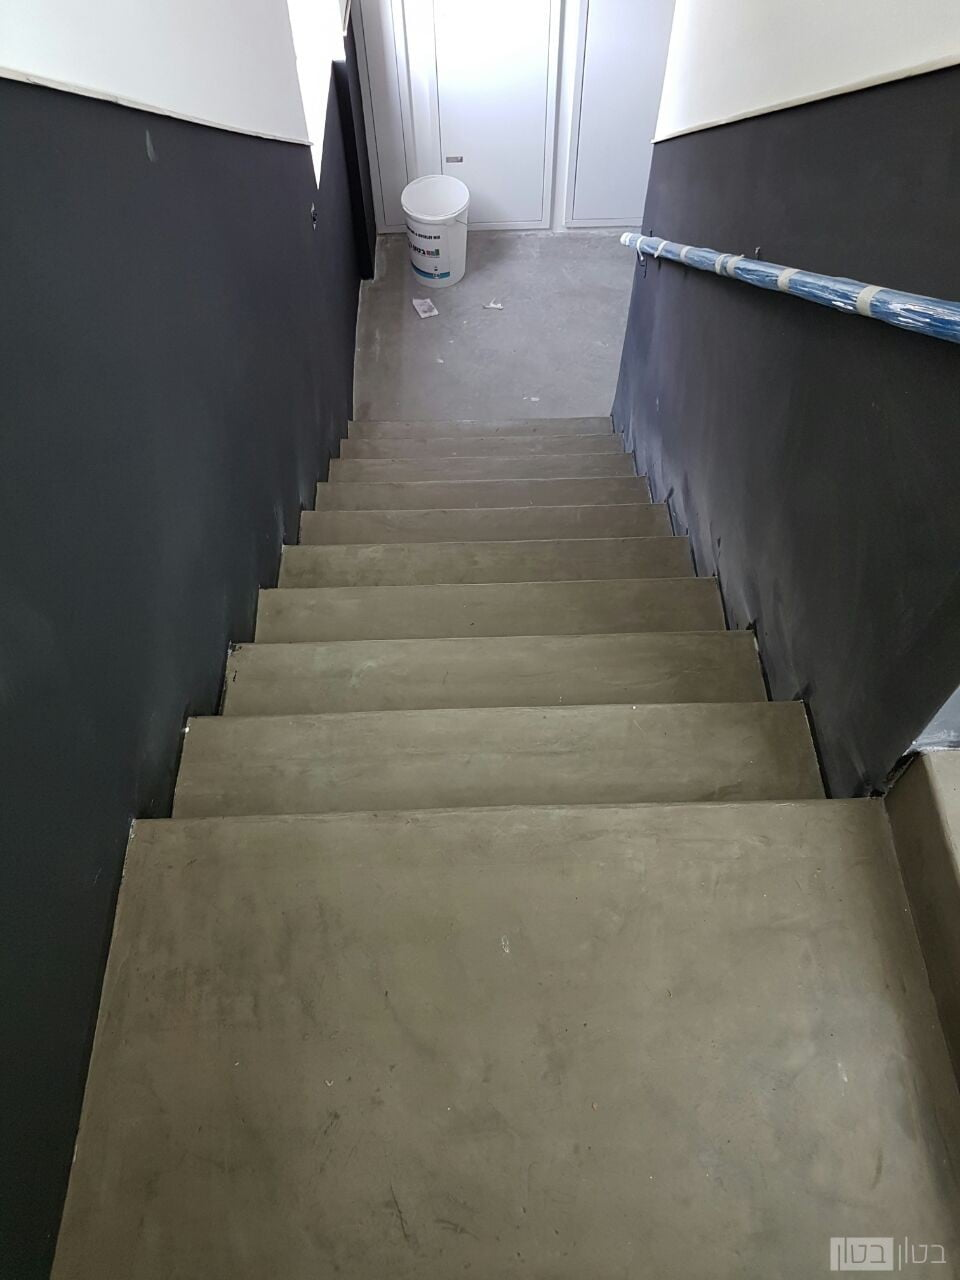 חיפוי מדרגות במיקרוטופינג בבניין